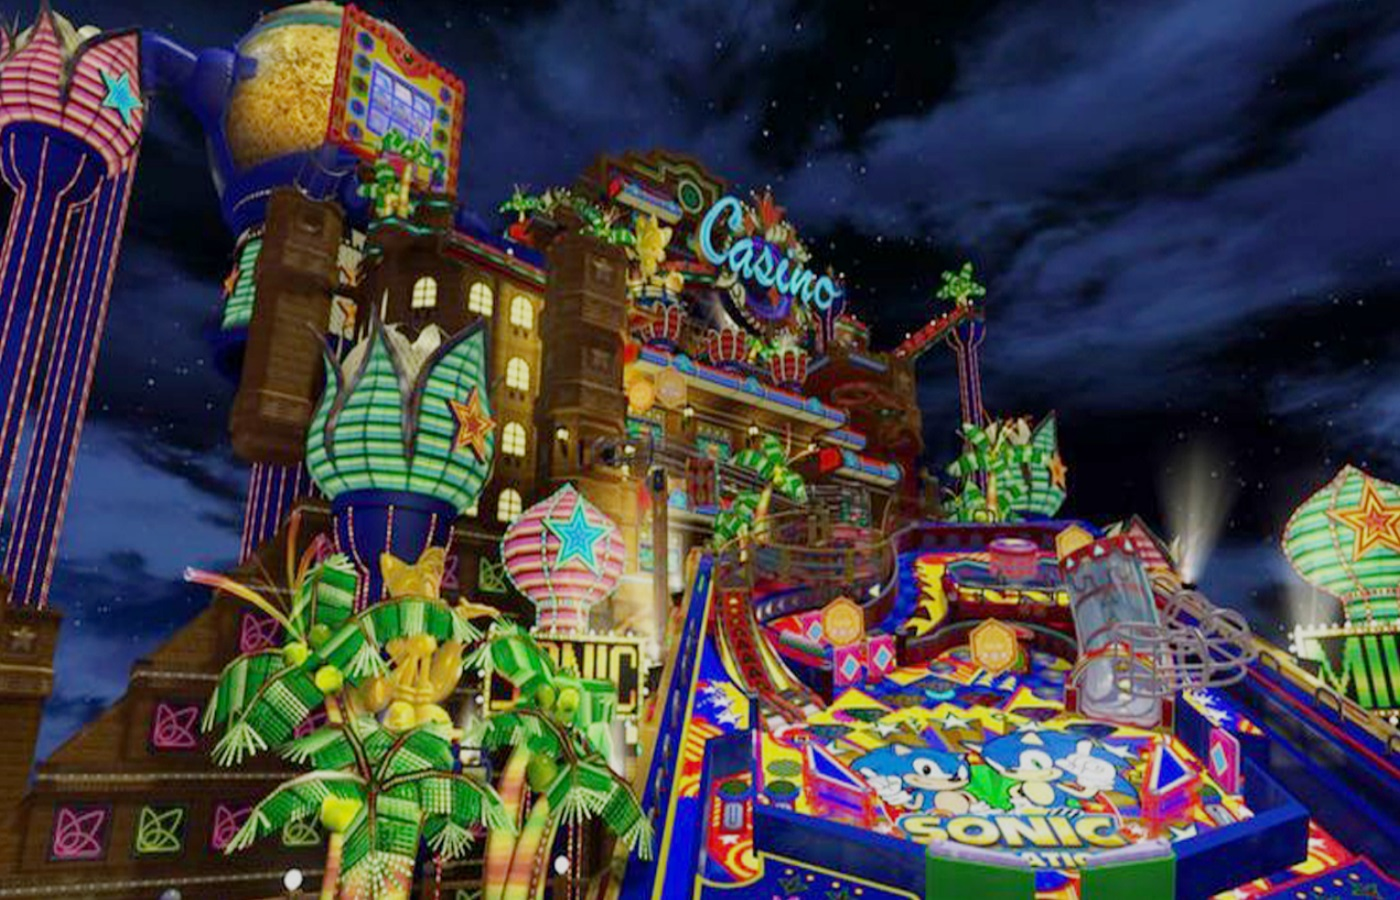 Casino Night Zone